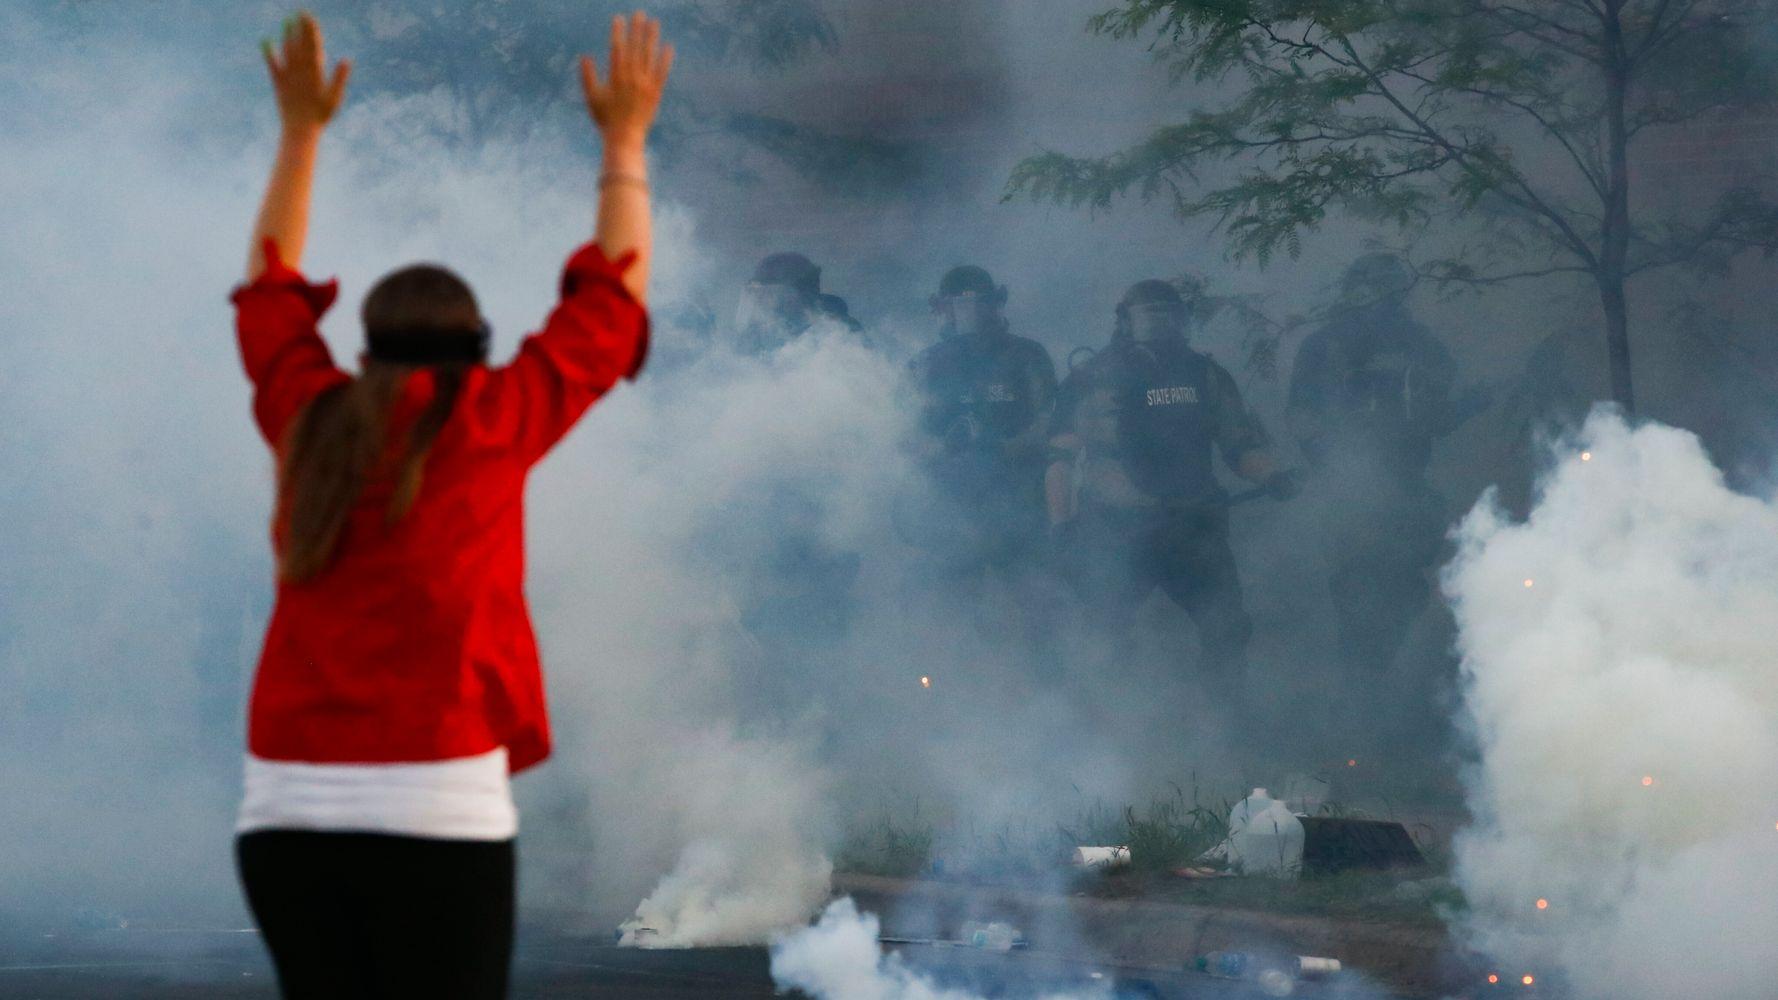 Qué hacer si te golpean gases lacrimógenos o spray de pimienta mientras protestas